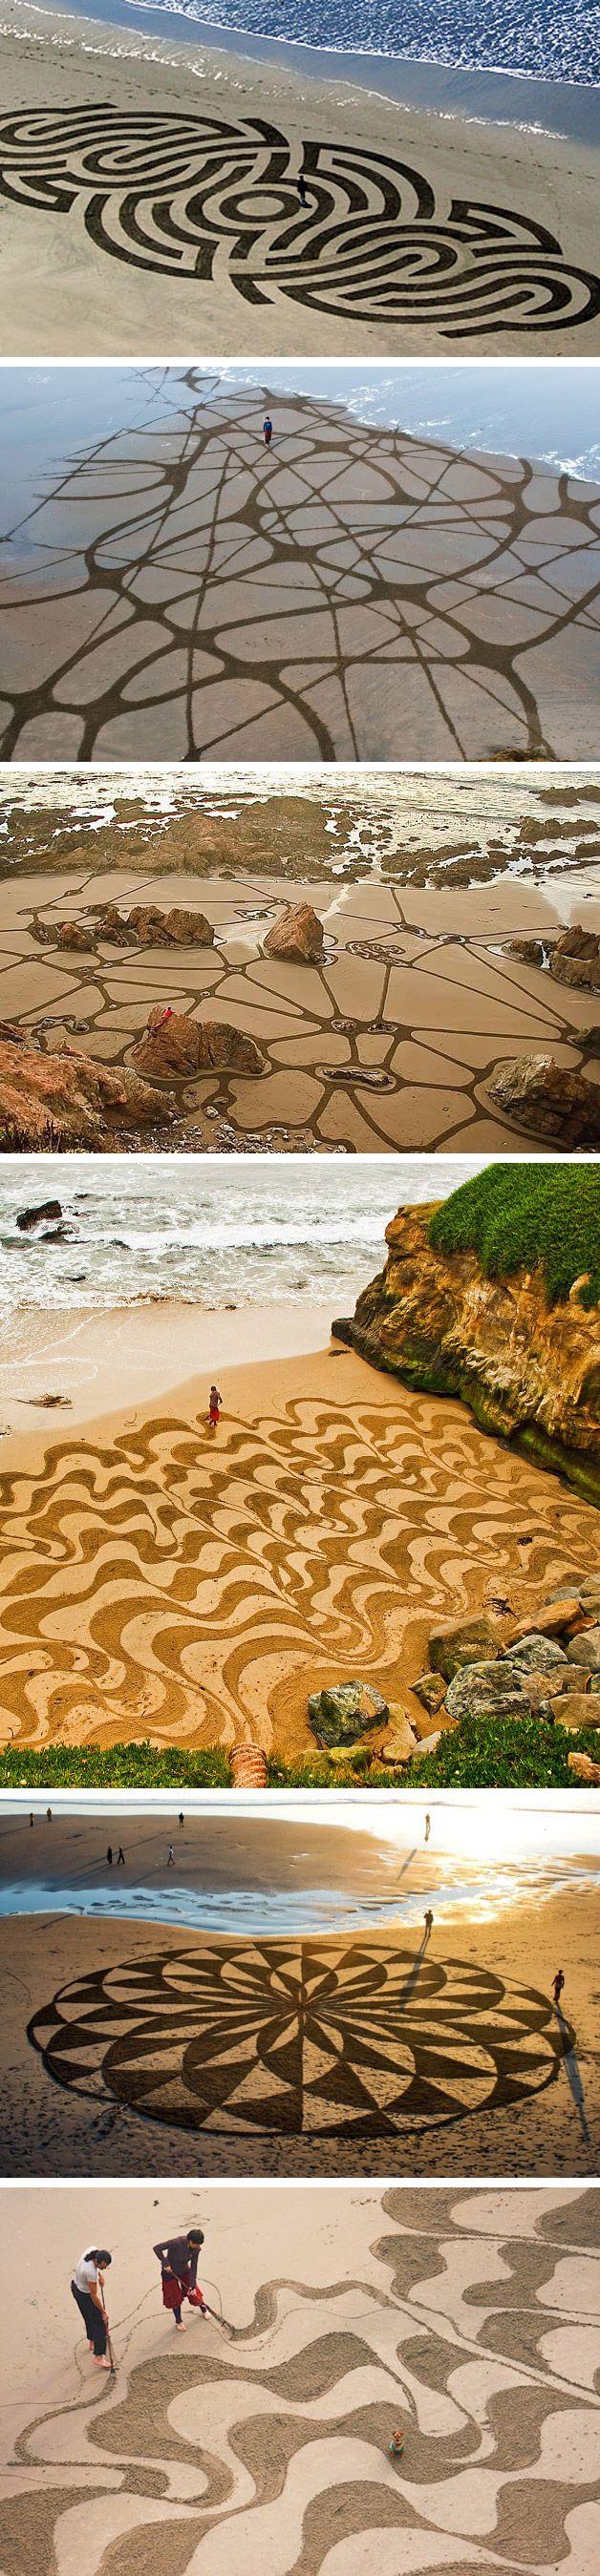 Andres Amador é um artista famoso por criar obras incríveis e frágeis na areia de praias ao redor do mundo.    Impressionante!